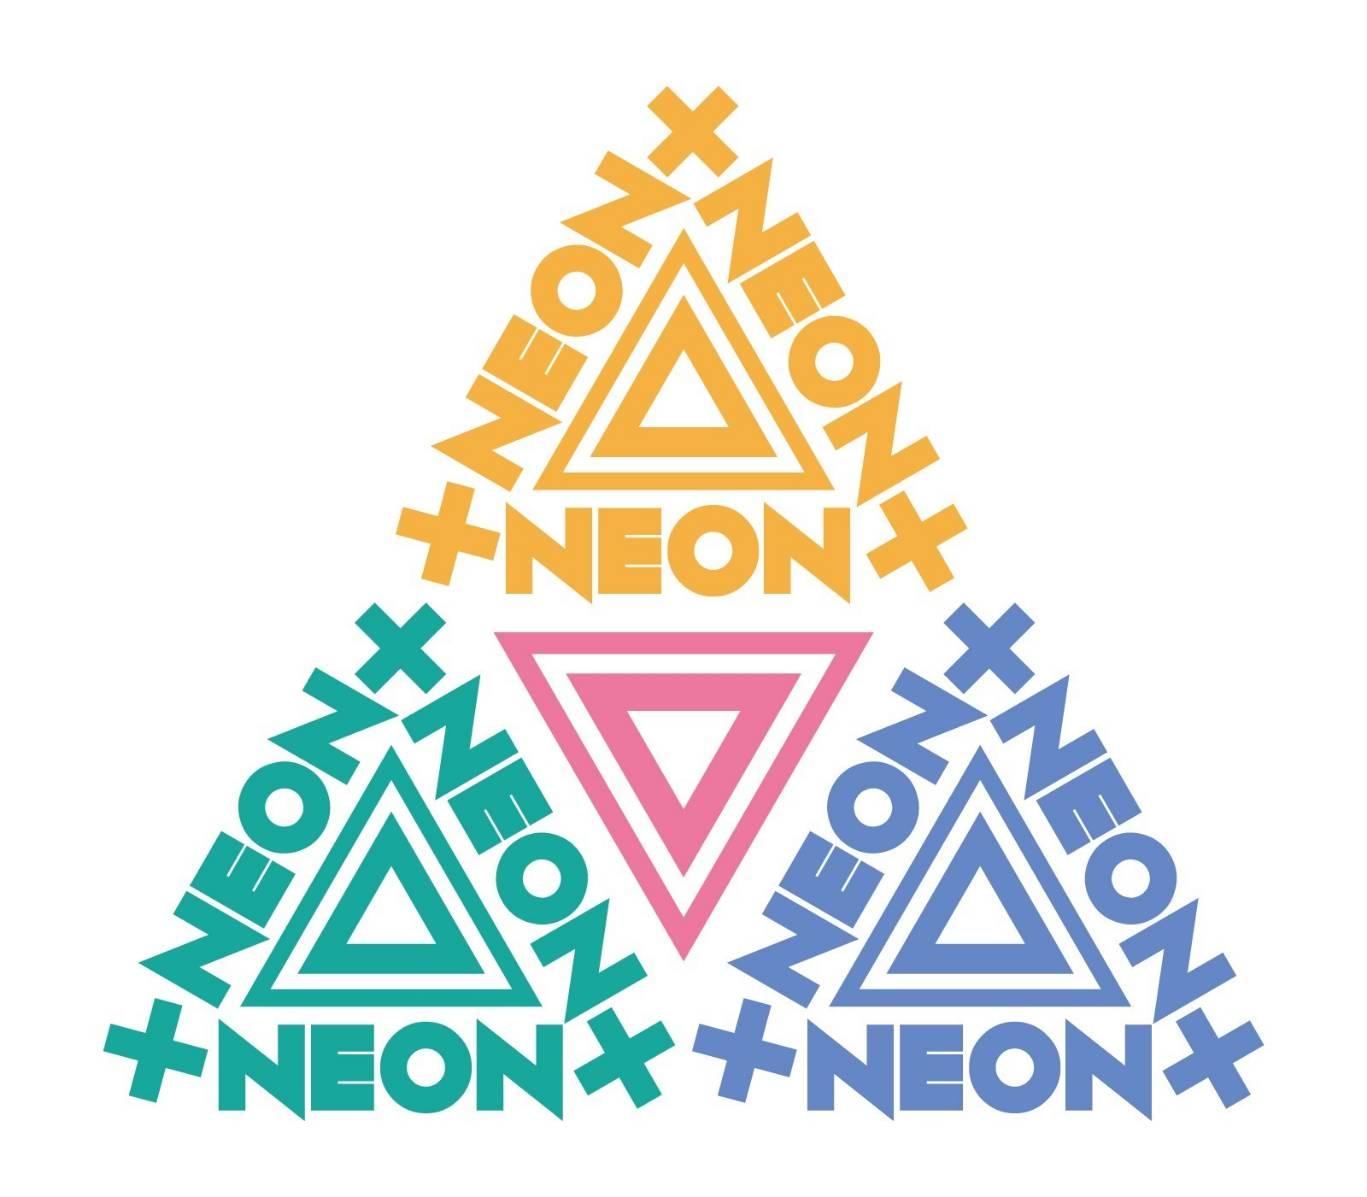 2019年7月8日(月) 『NEON×NEON×NEON』